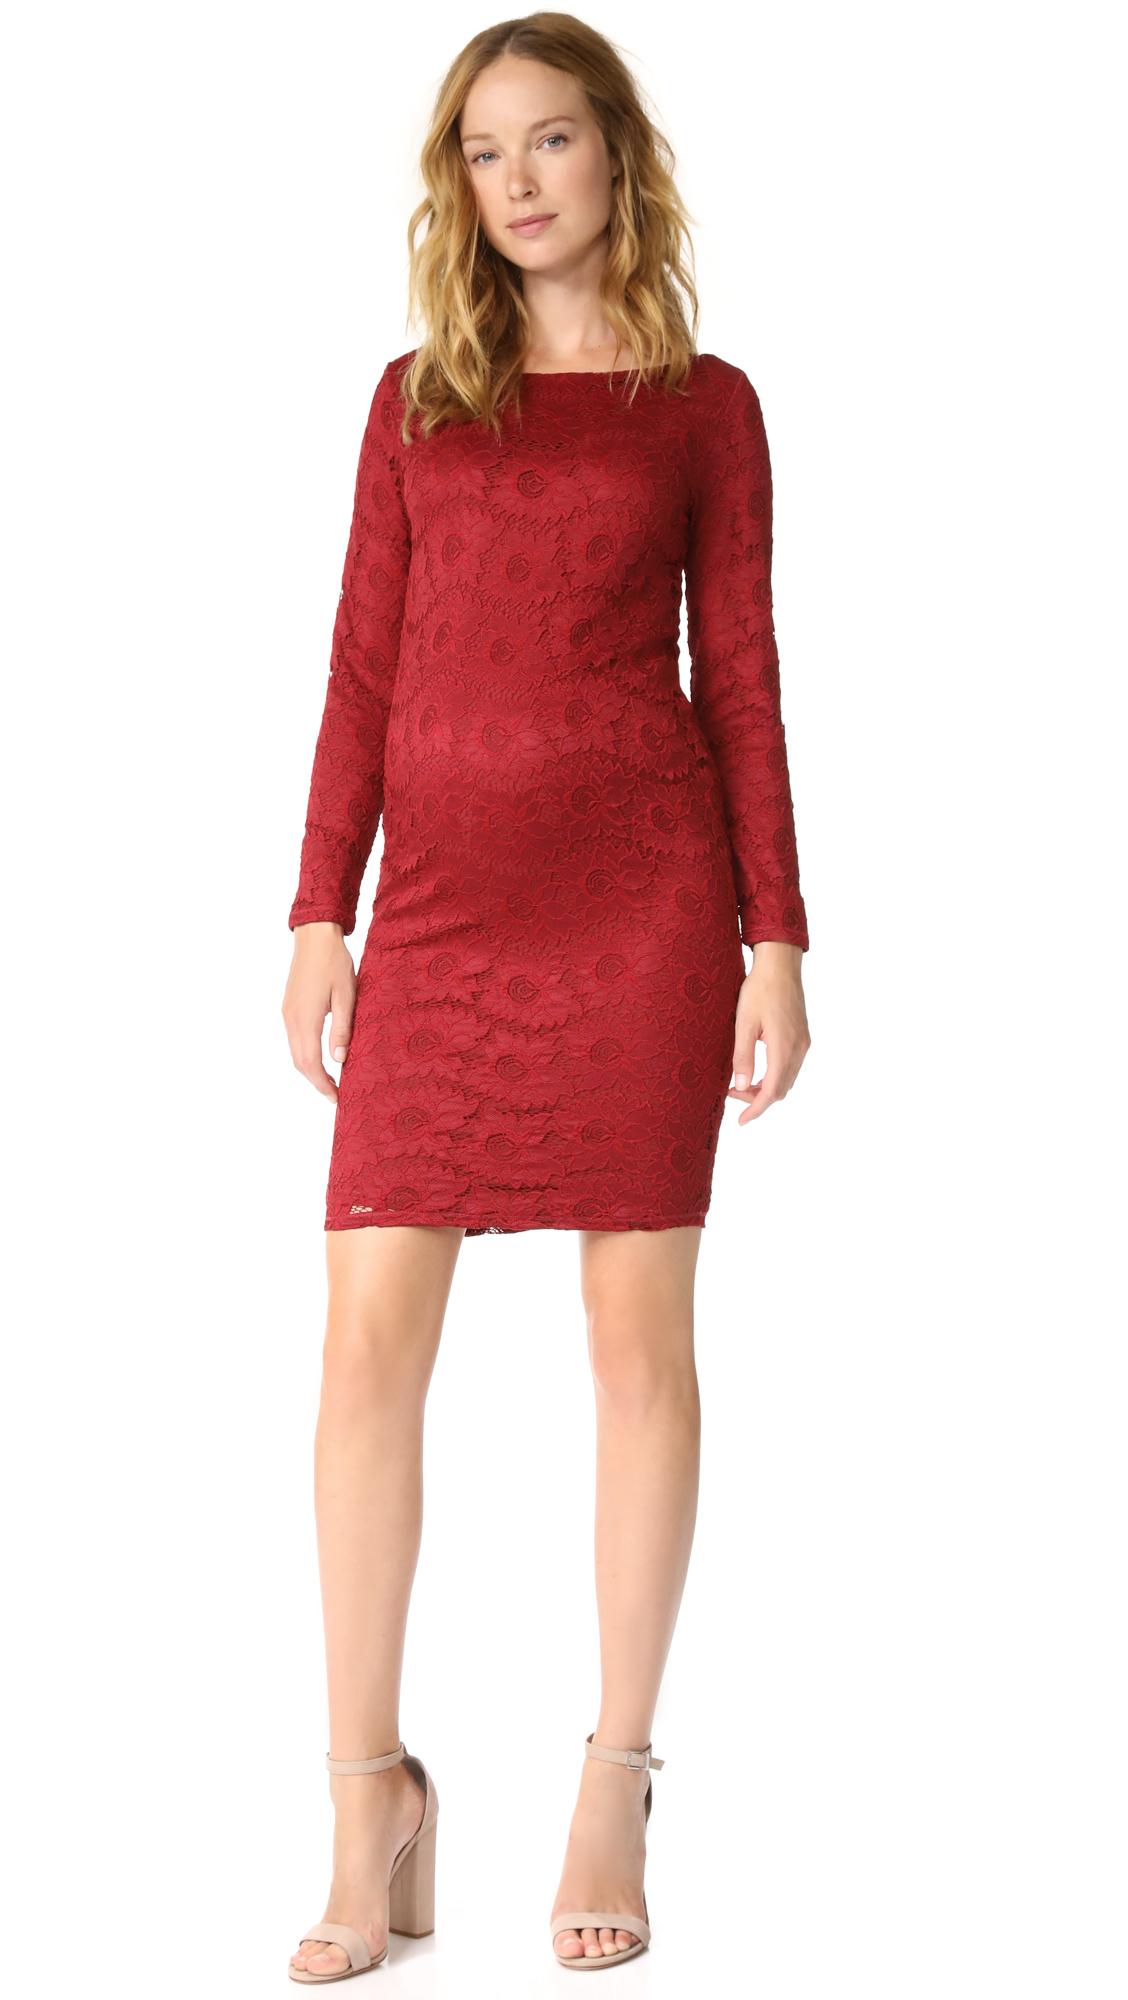 Ingrid & Isabel Boat Neck Lace Maternity Dress - Crimson